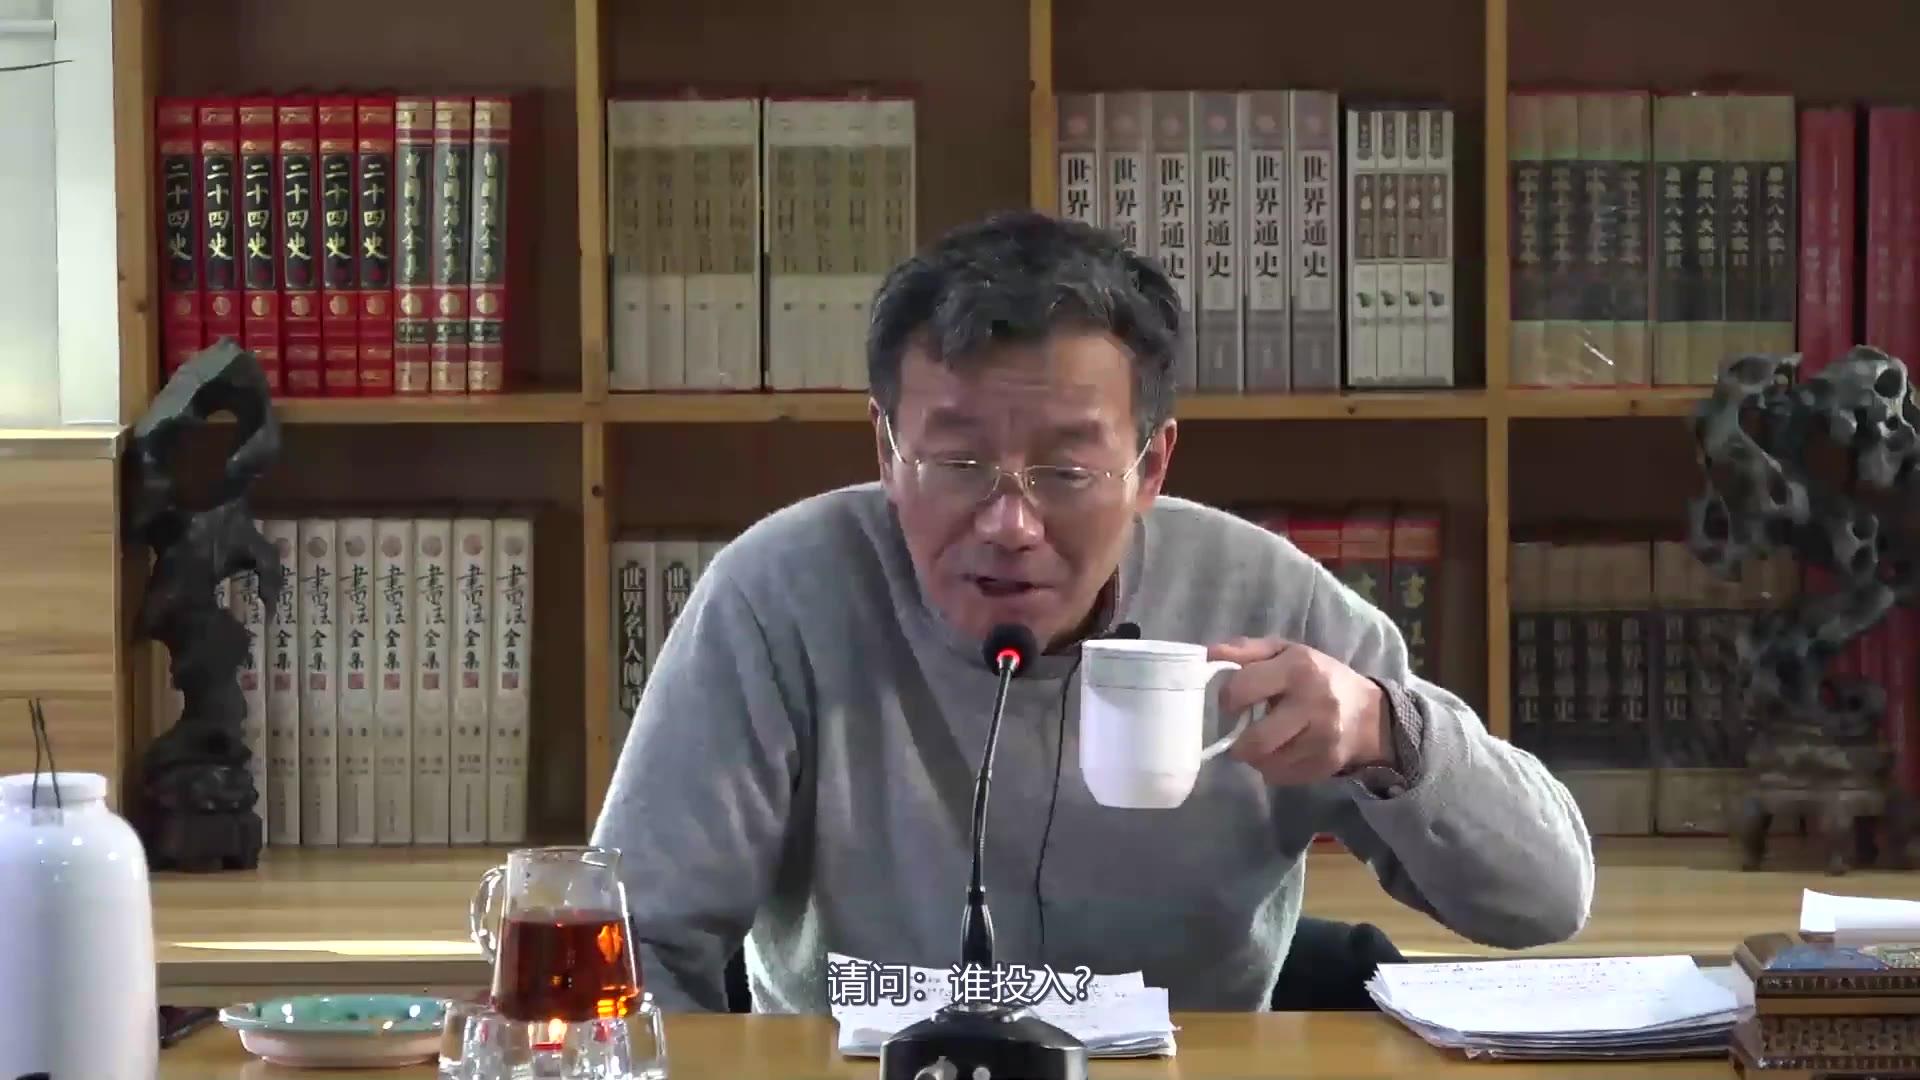 【字幕版】王德峰:《资本论》2019最新解读复旦讲座 01-04